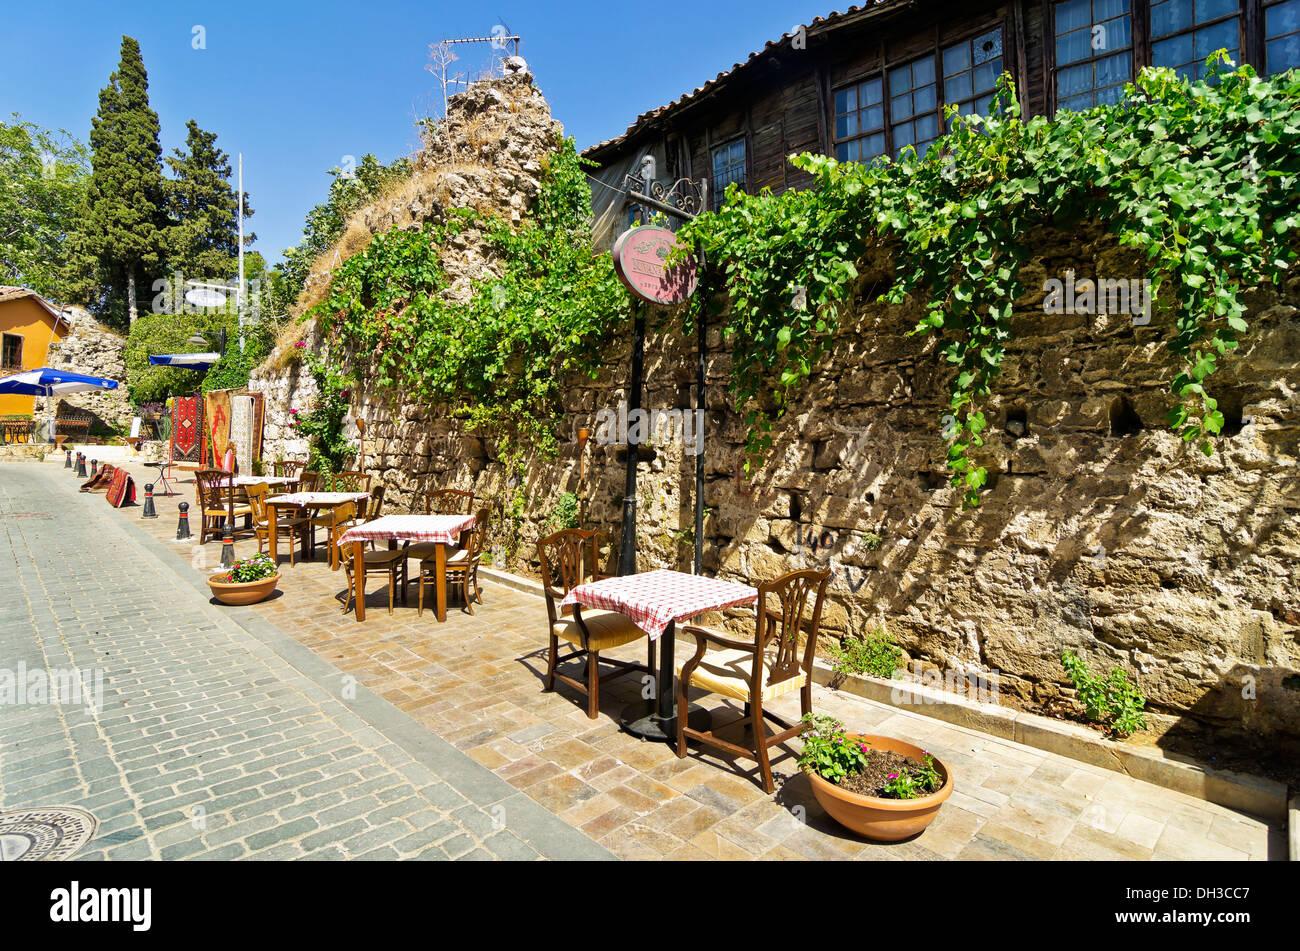 Streets in Kaleiçi, Kaleici, old town of Antalya, Turkish Riviera Stock Photo...